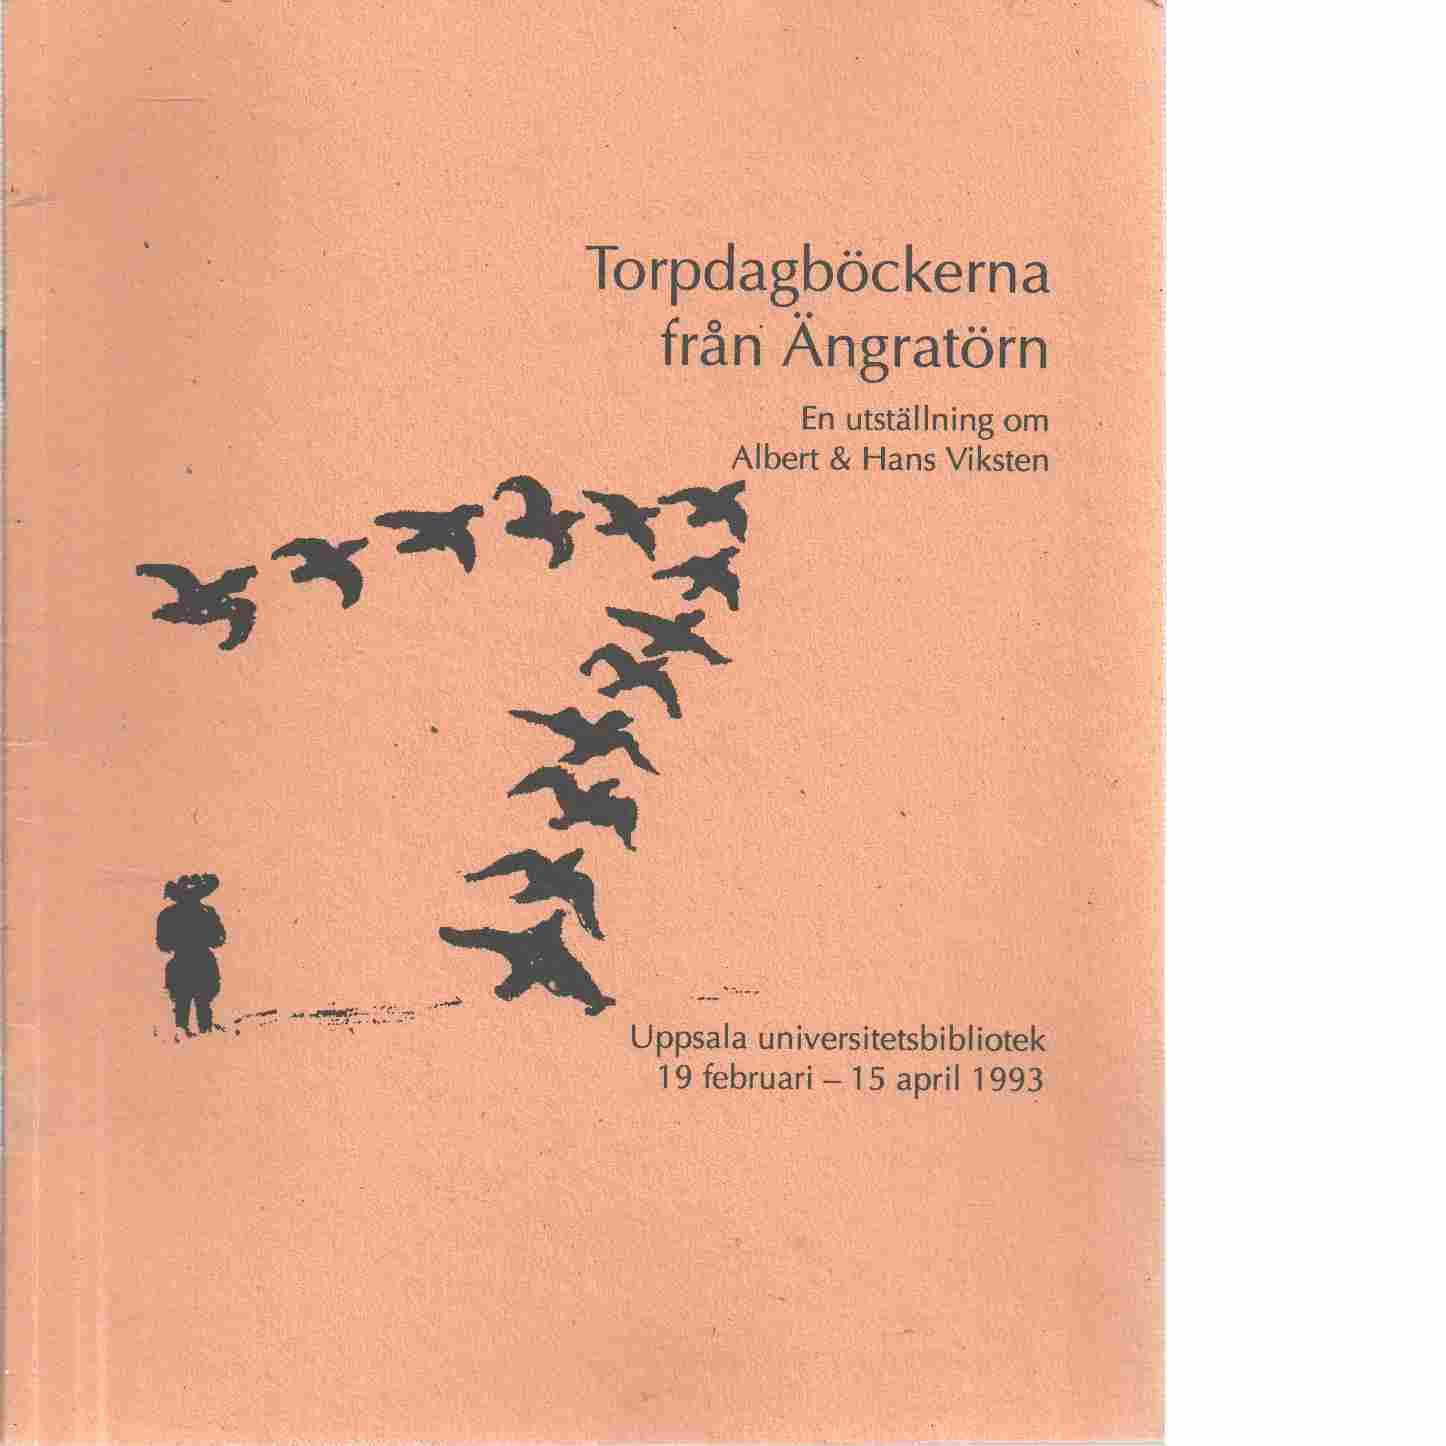 Torpdagböckerna från Ängratörn : en utställning om Albert & Hans Viksten : Uppsala universitetsbibliotek 19 februari-15 april 1993 - Uppsala universitetsbibliotek